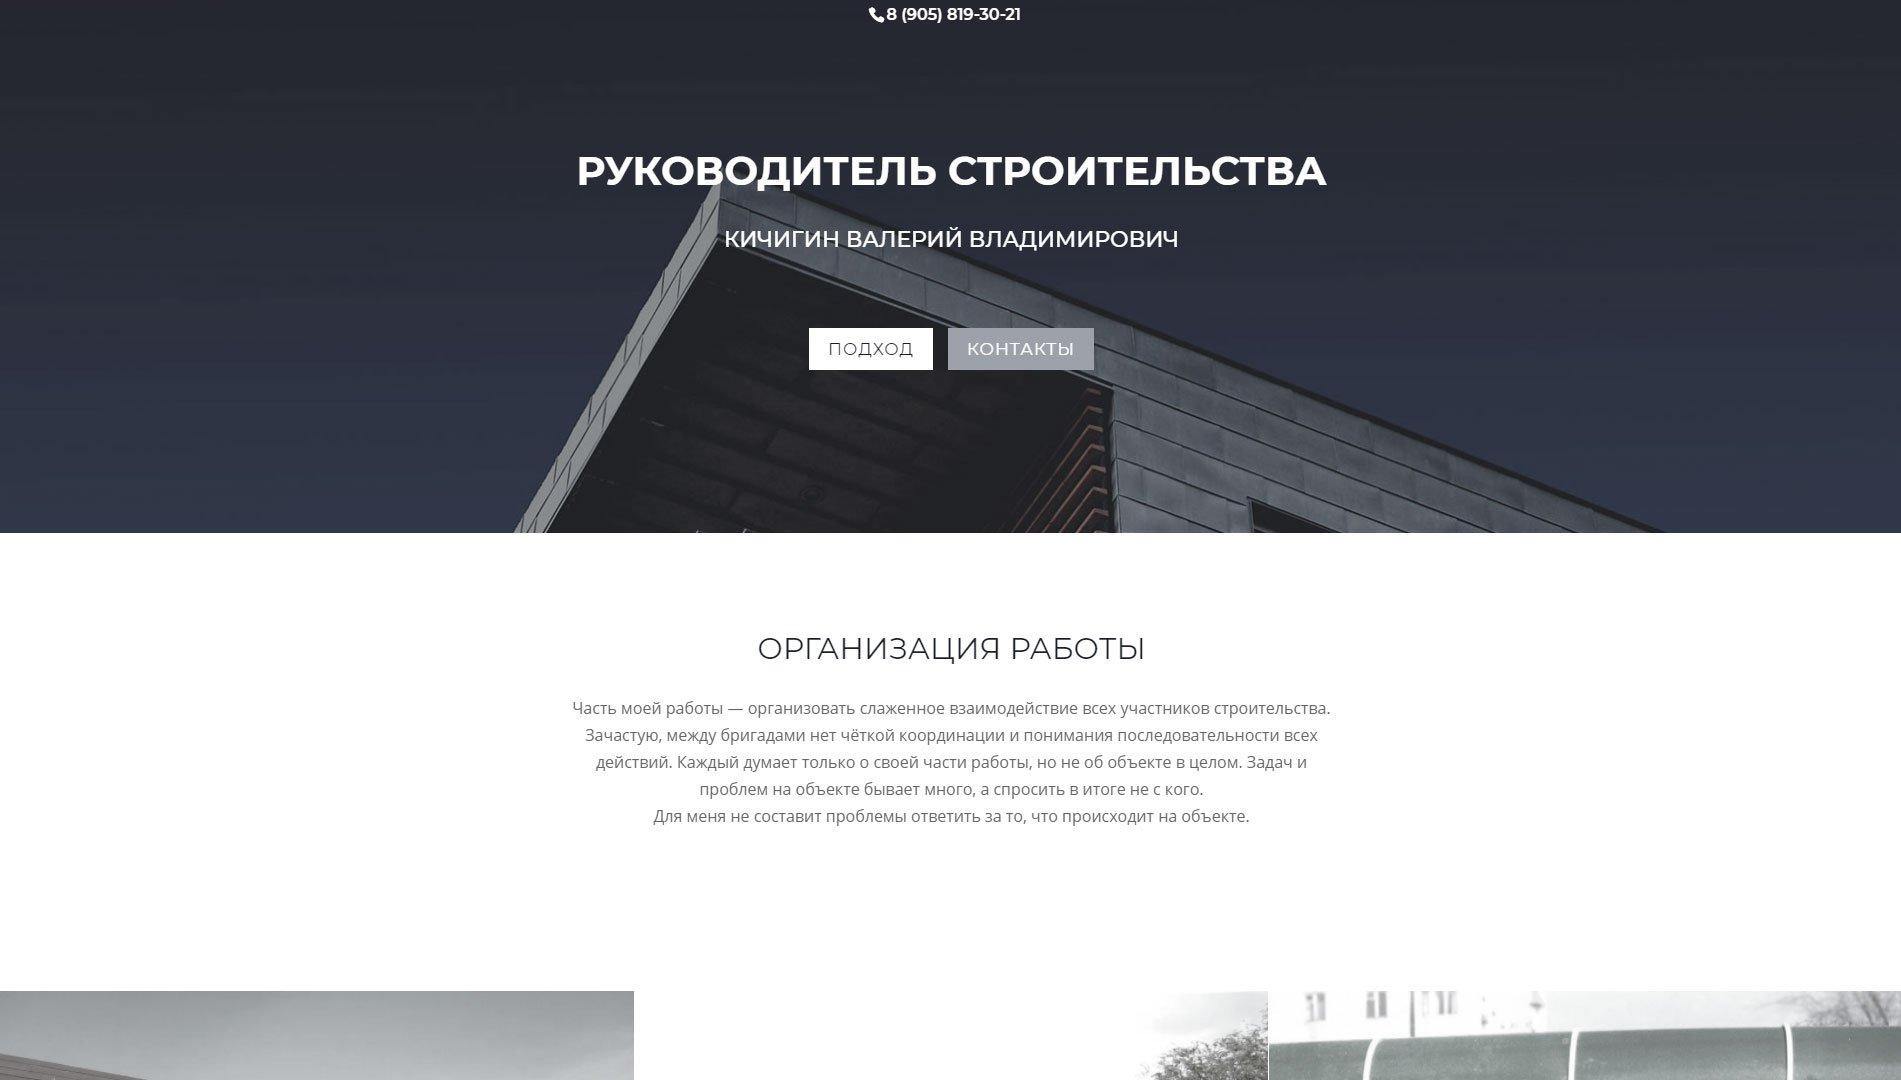 Создание сайта Руководителя строительства в Оренбурге